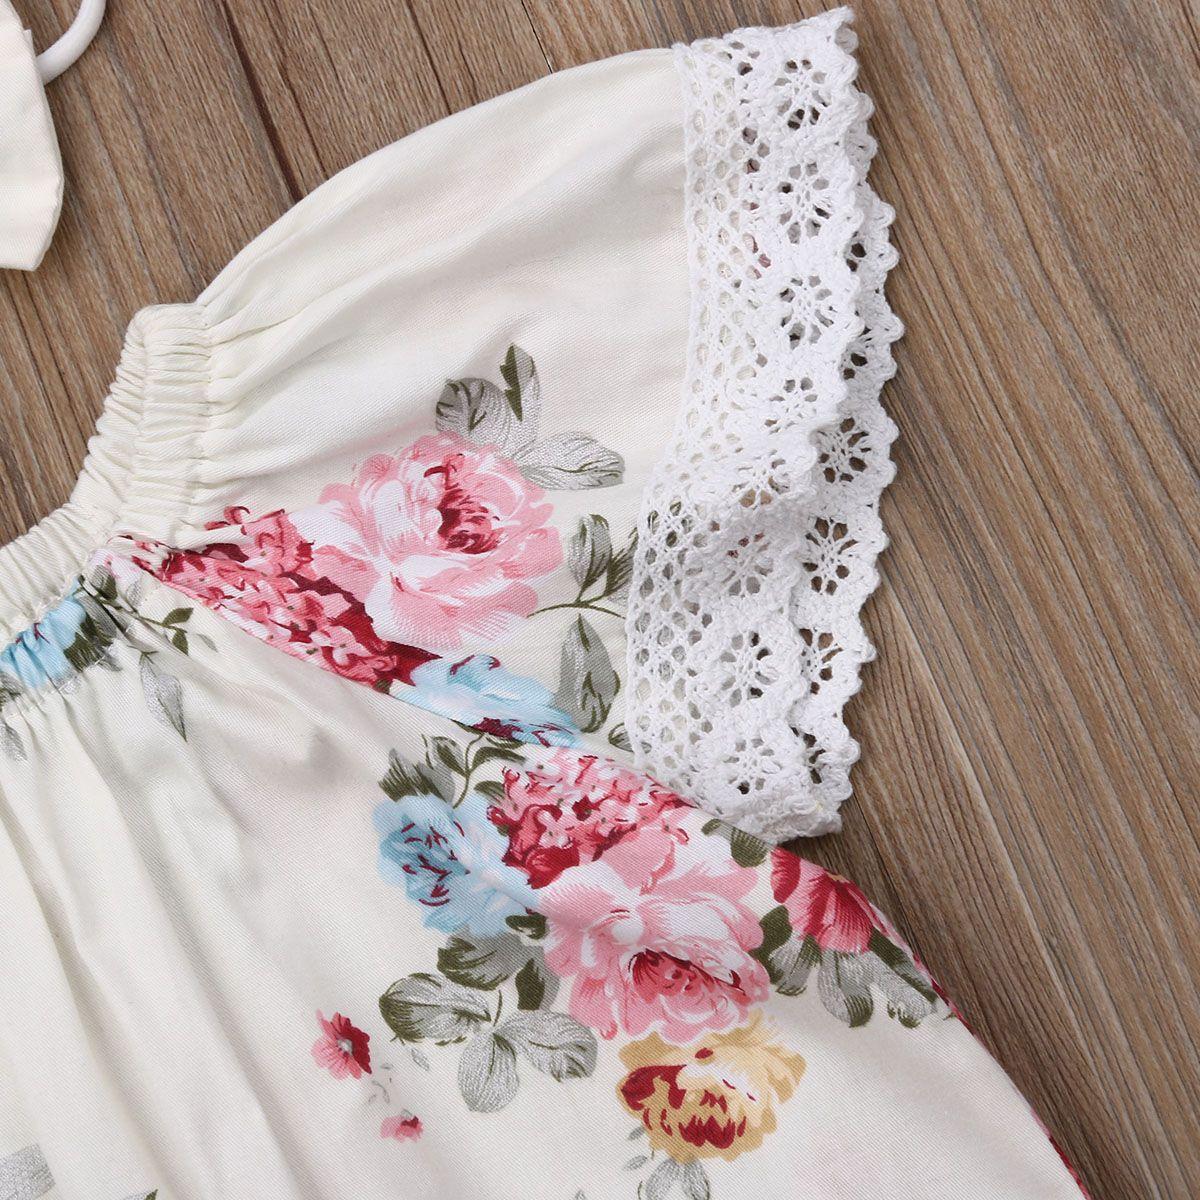 Новорожденного младенца Девочки Bodysuits Эпикировка принцесса Симпатичные цветочные Комбинезоны Одежда оголовье Комплекты для новорожденных Little Baby Костюмы